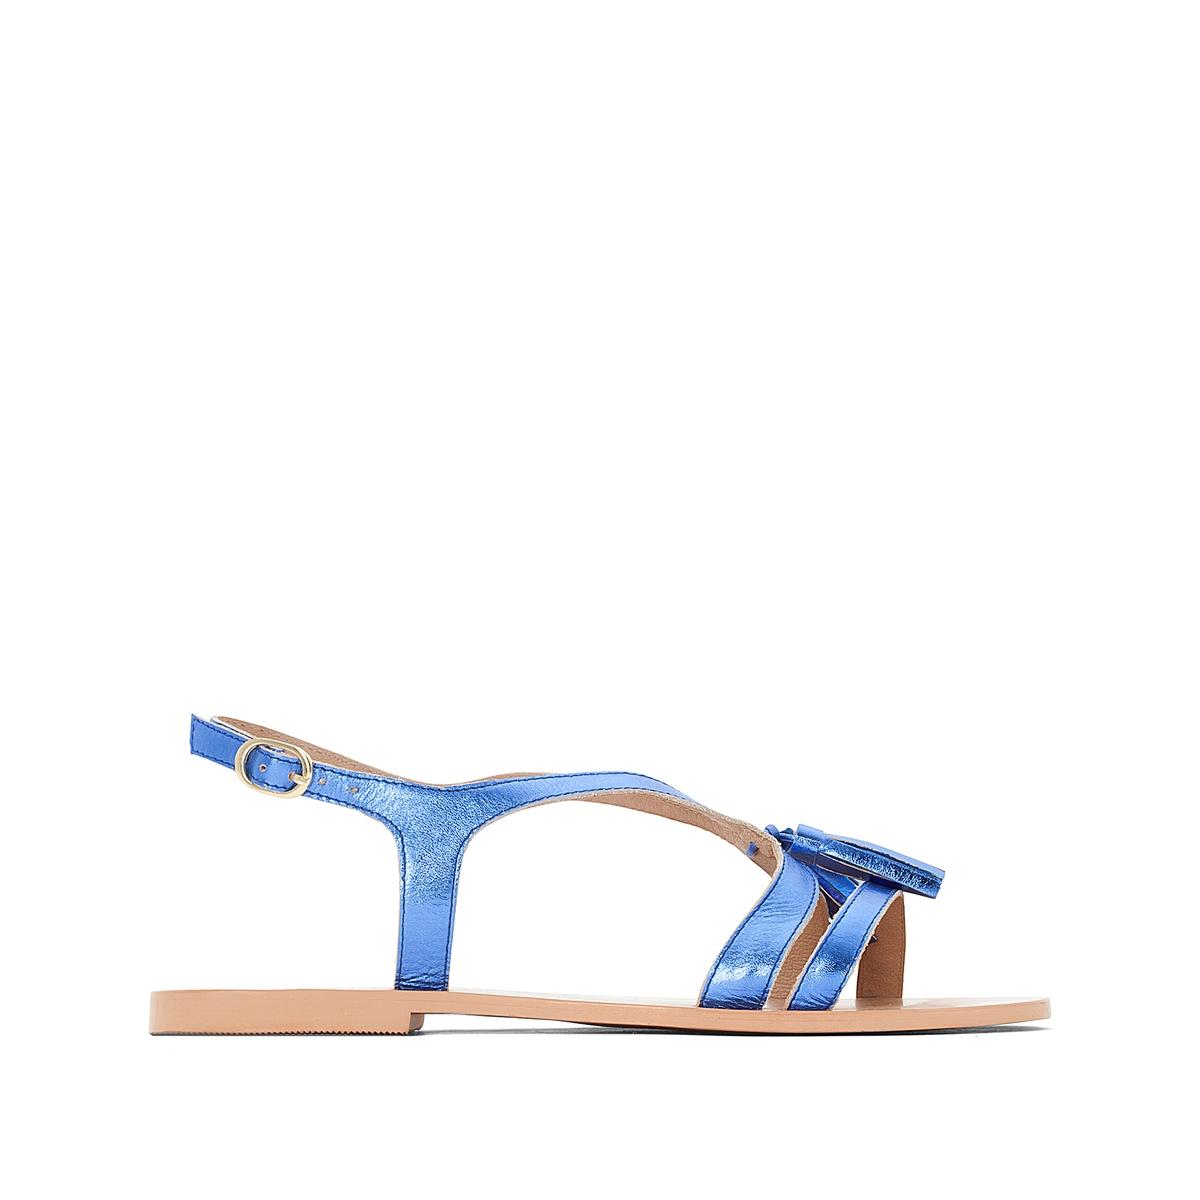 Босоножки кожаные с кисточками на плоском каблукеВерх : кожа         Подкладка : кожа         Стелька : кожа         Подошва : Эластомер         Высота каблука : плоский         Форма каблука : плоский         Мысок : открытый         Застежка : ремешок с пряжкой<br><br>Цвет: красный,синий<br>Размер: 42.42.37.41